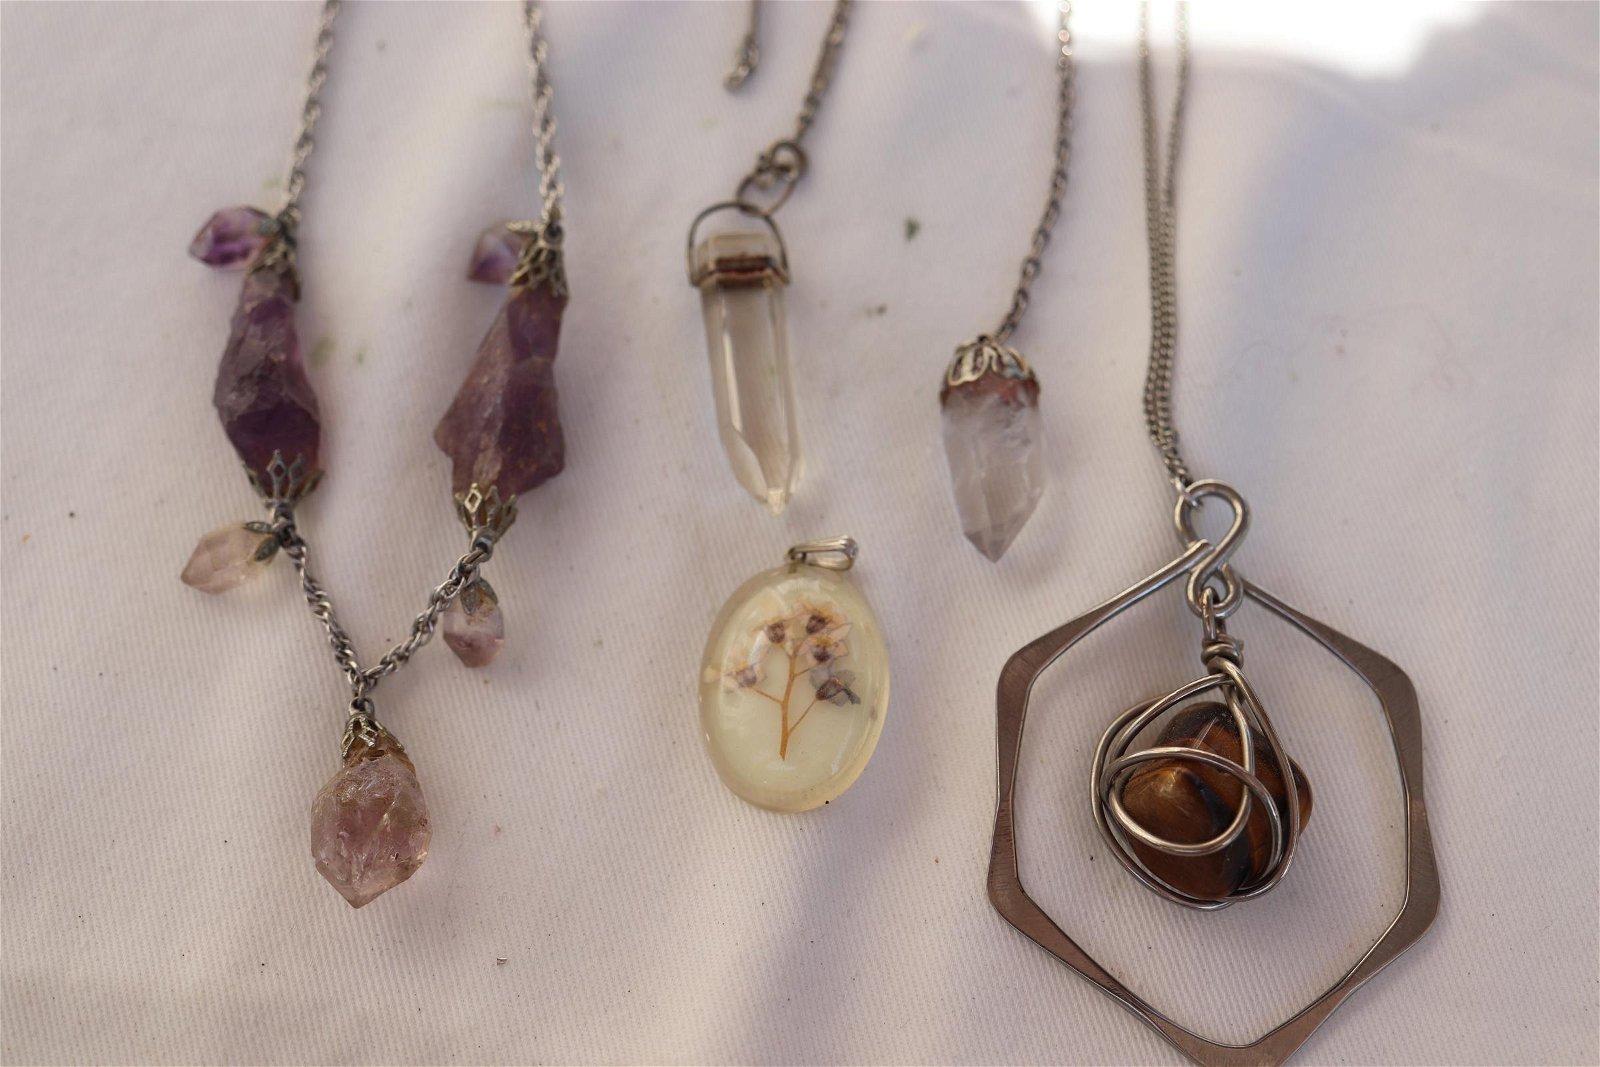 Lot of 4 Vintage Polished Stone, Crystal, Tiger Eye